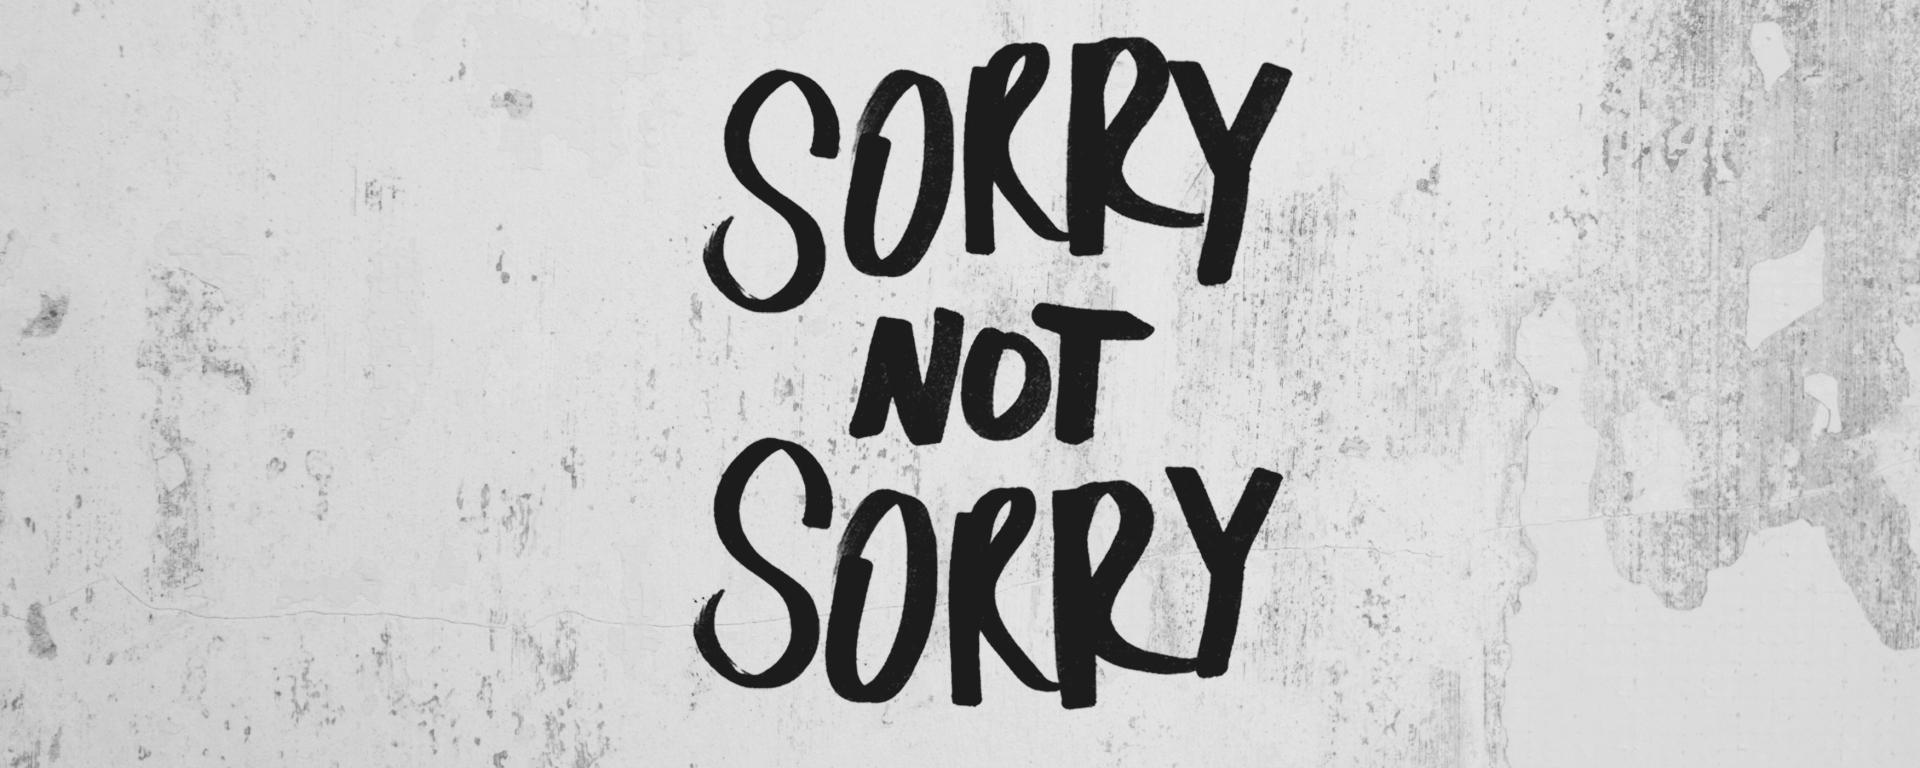 ladies stop being sorry